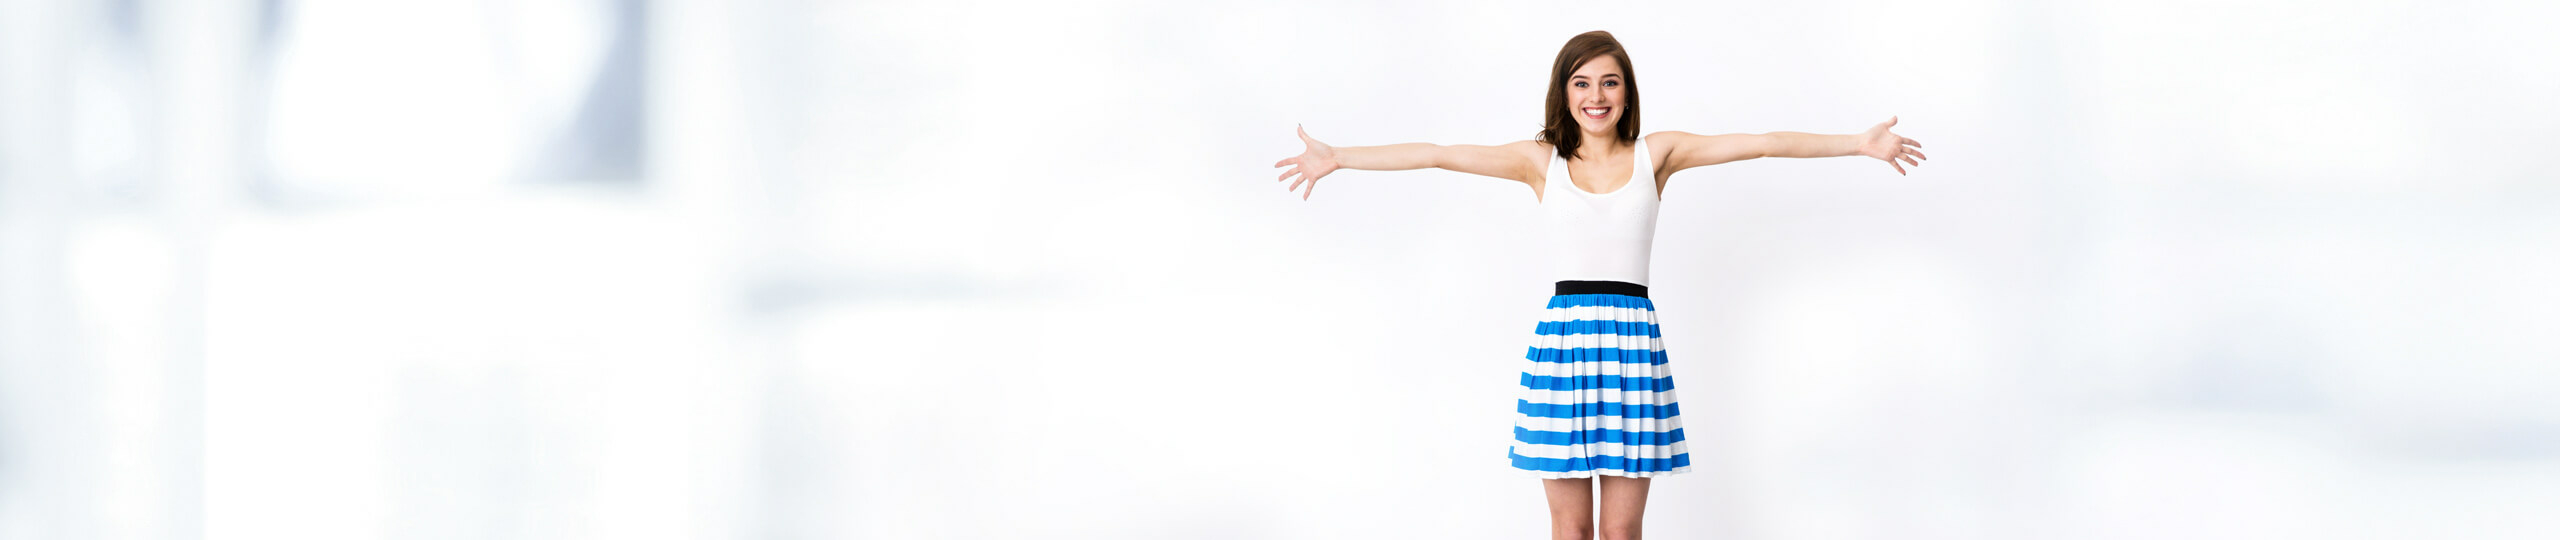 Braunhaarige Frau mit offenen Armen